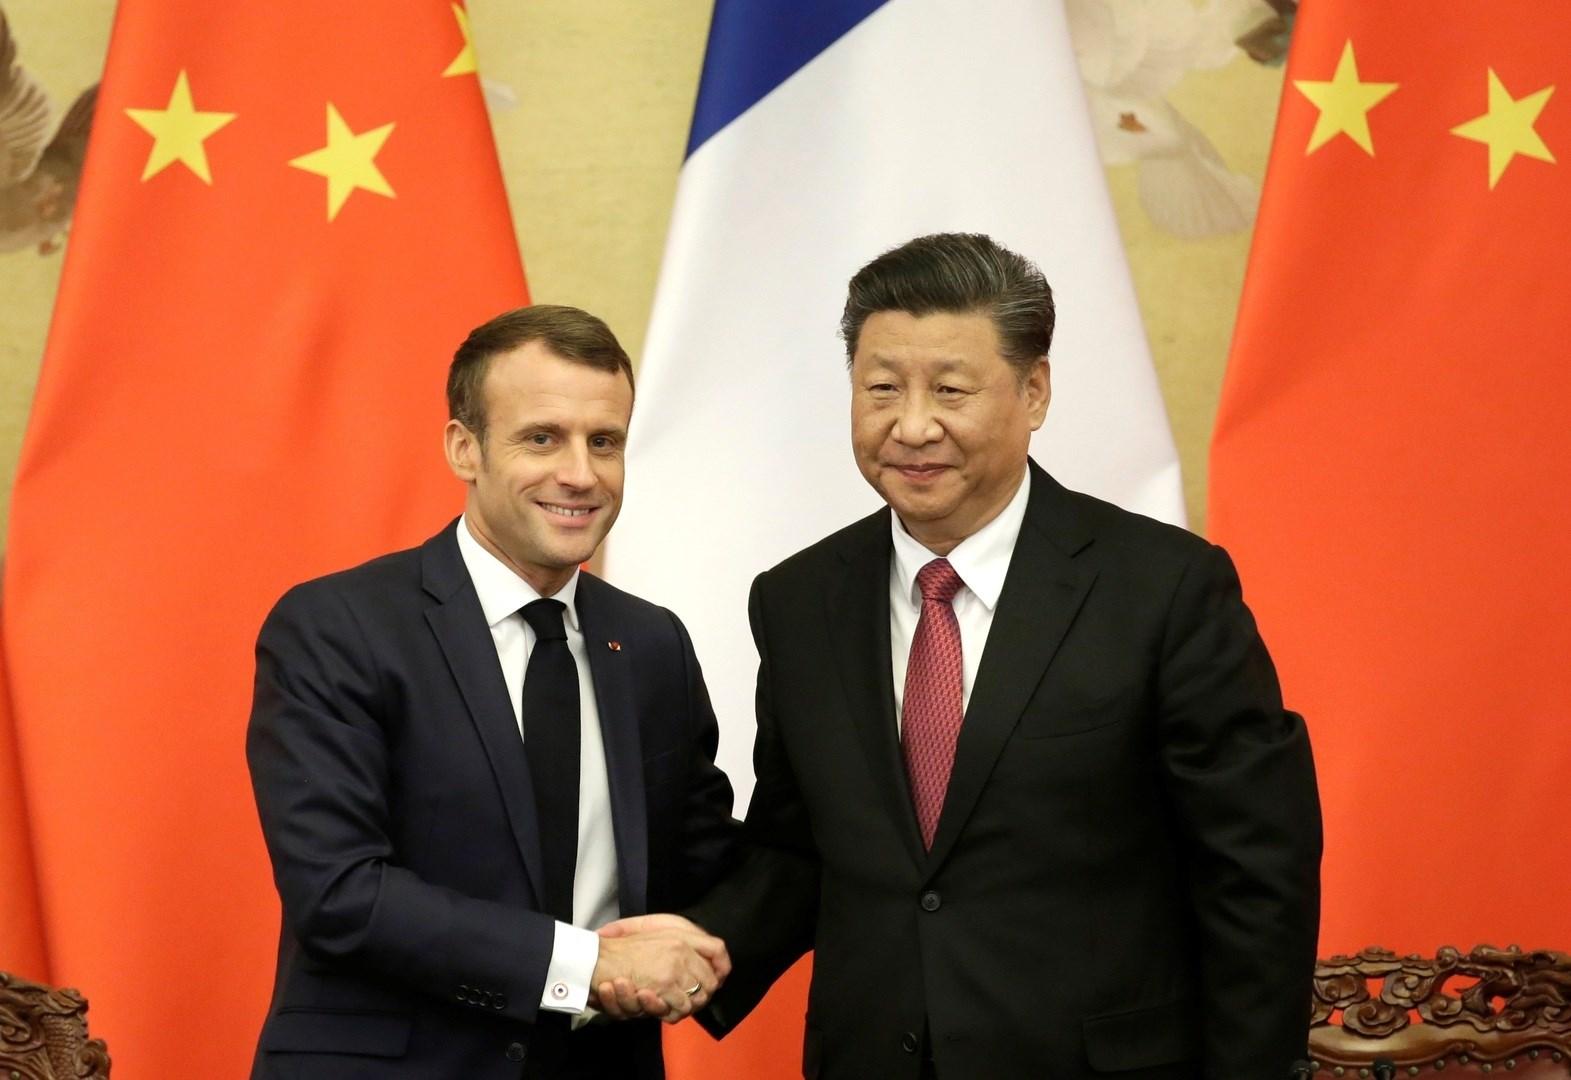 الصين وفرنسا تتفقان على دعم التعددية وحماية النظام الجولي ومكافحة كورونا